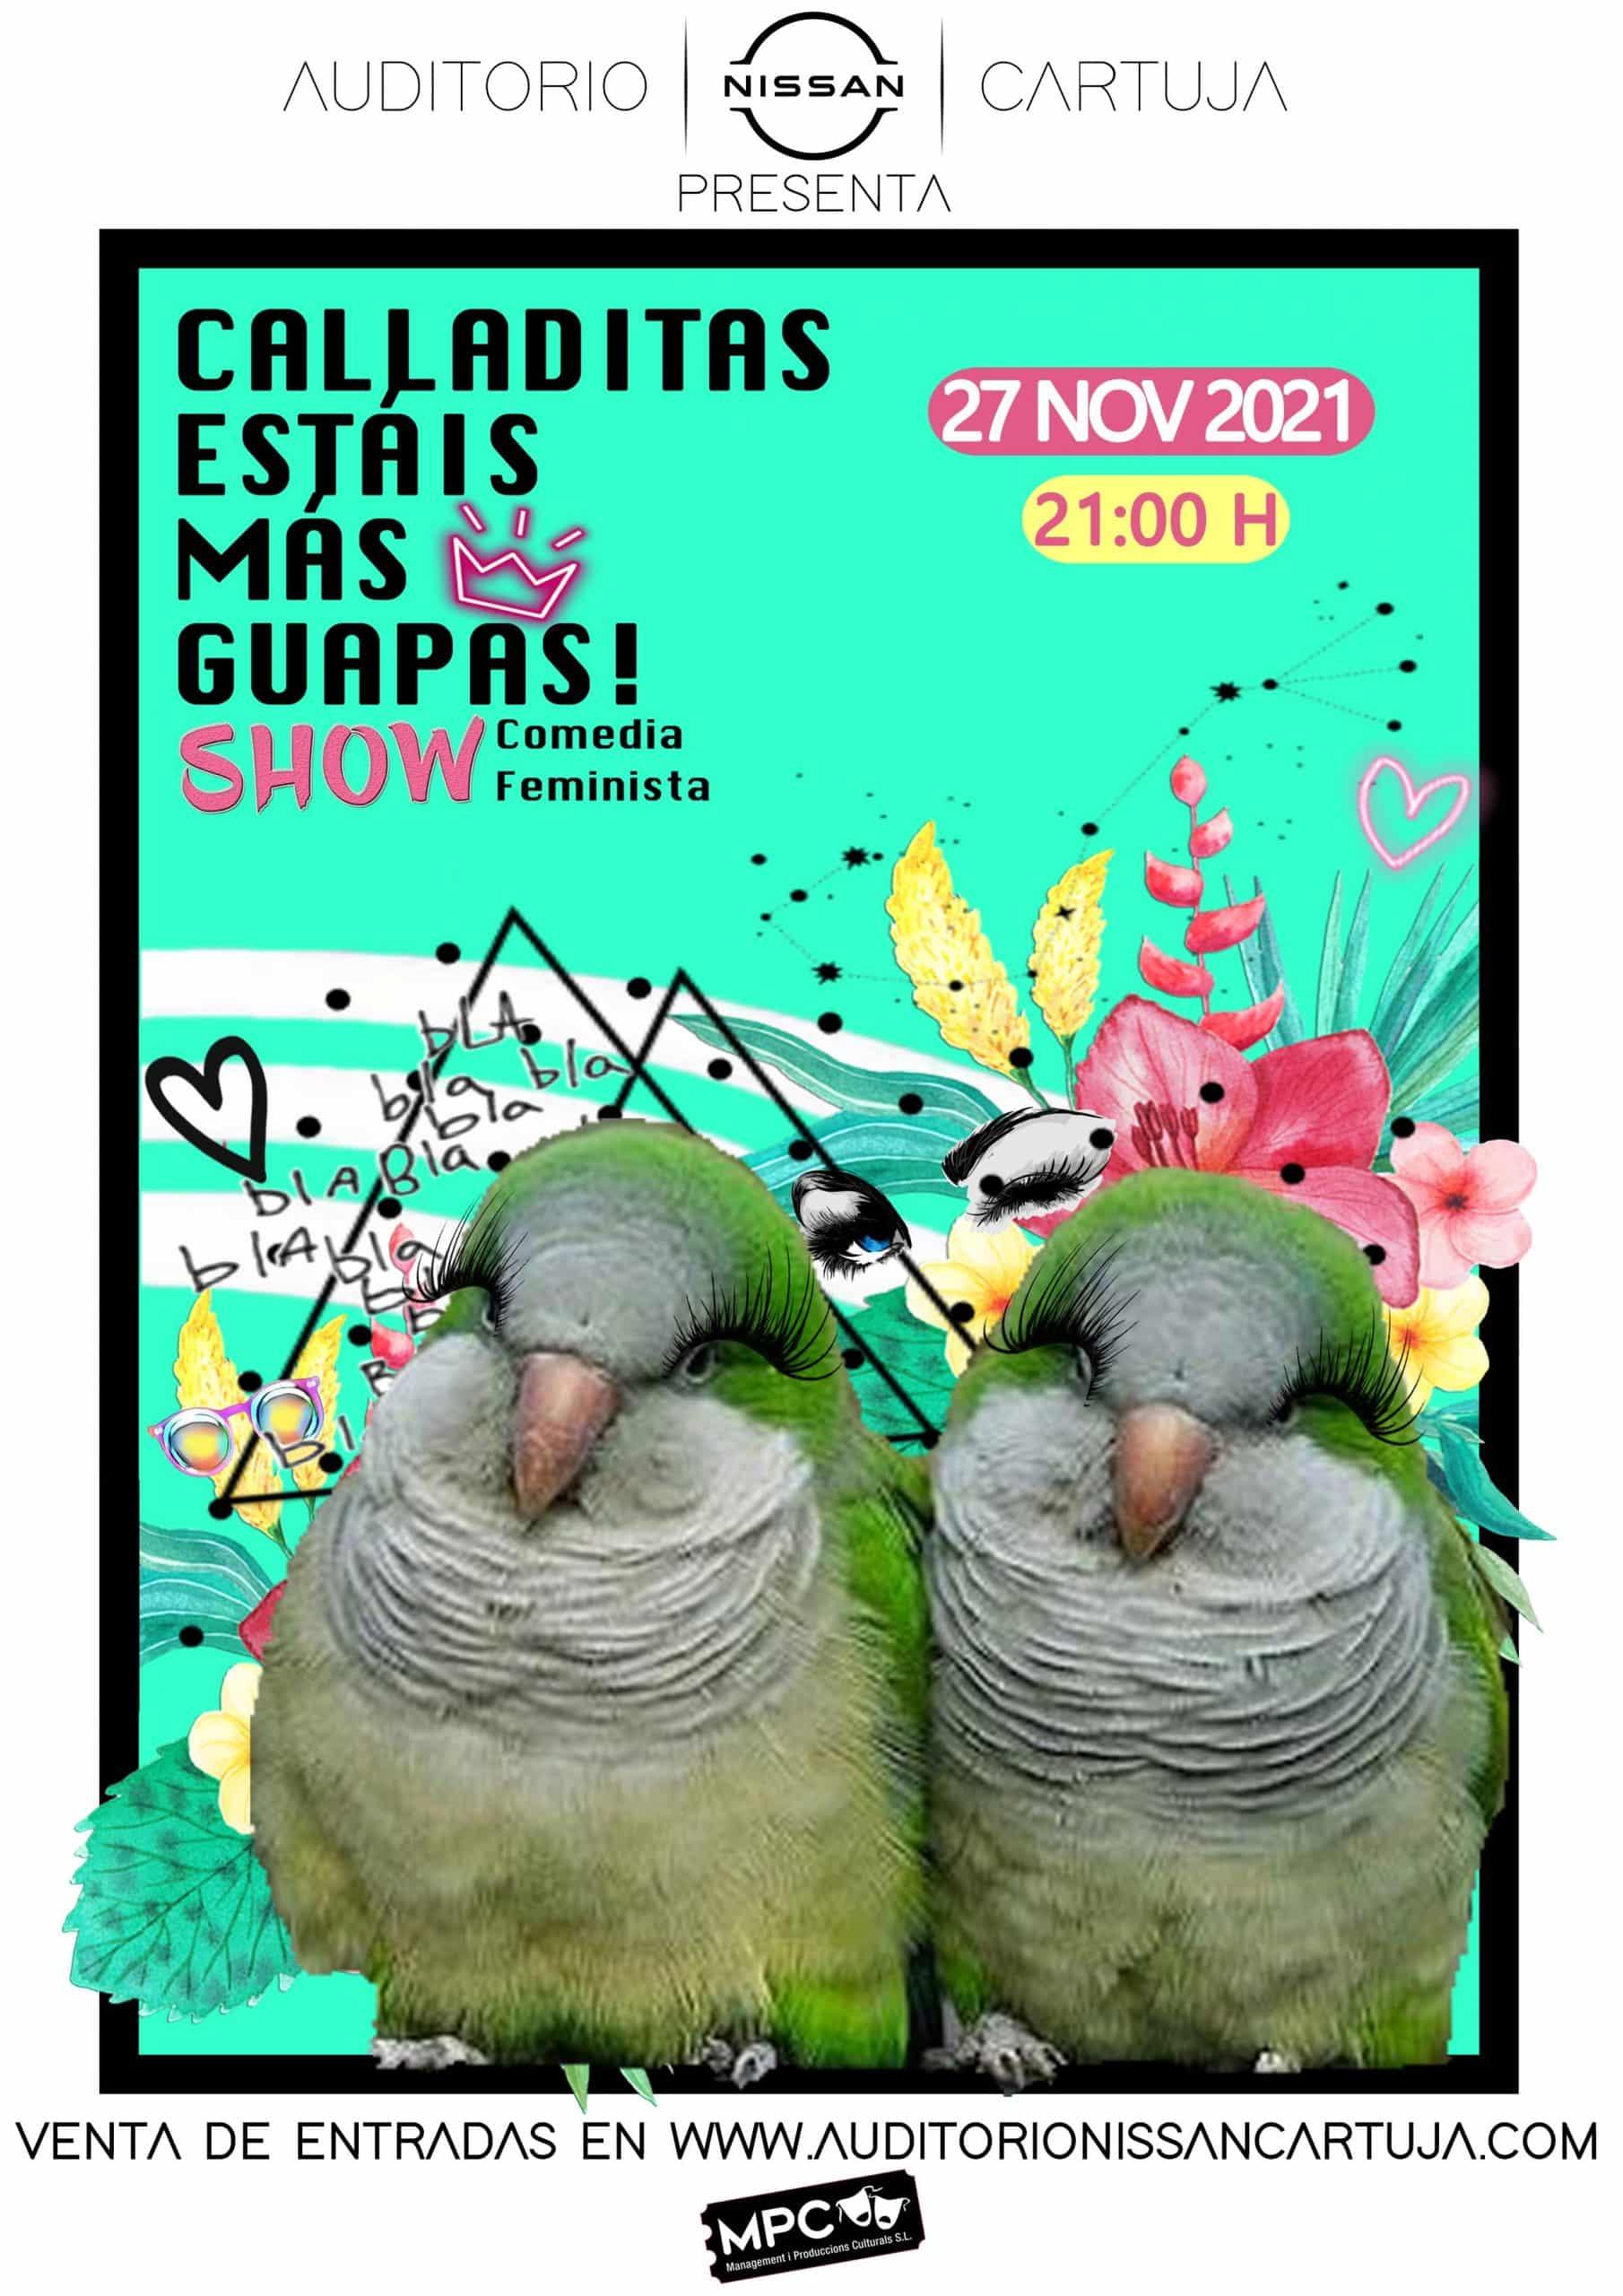 CALLADITAS ESTÁIS MÁS GUAPAS